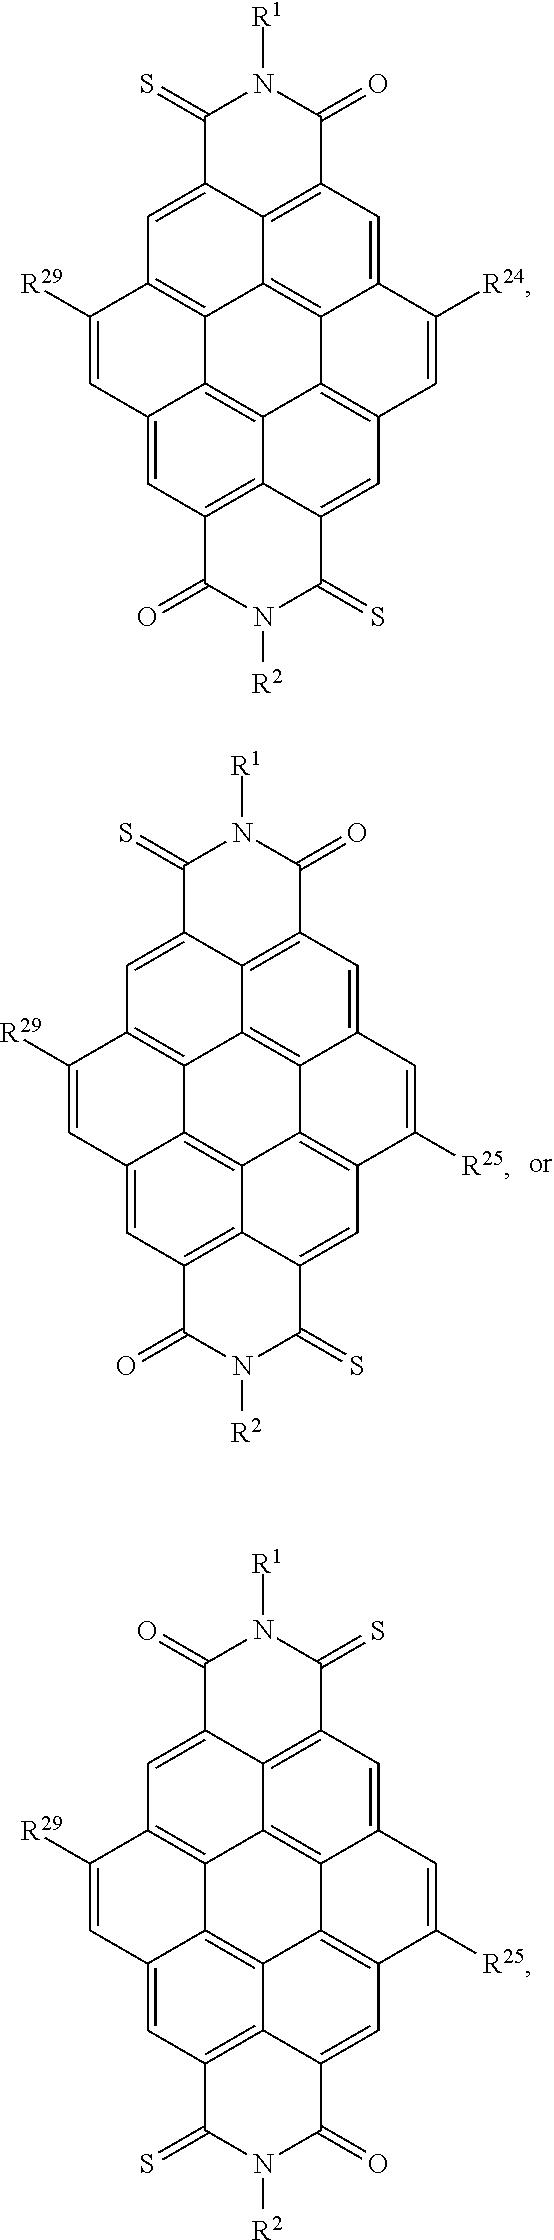 Figure US08440828-20130514-C00046